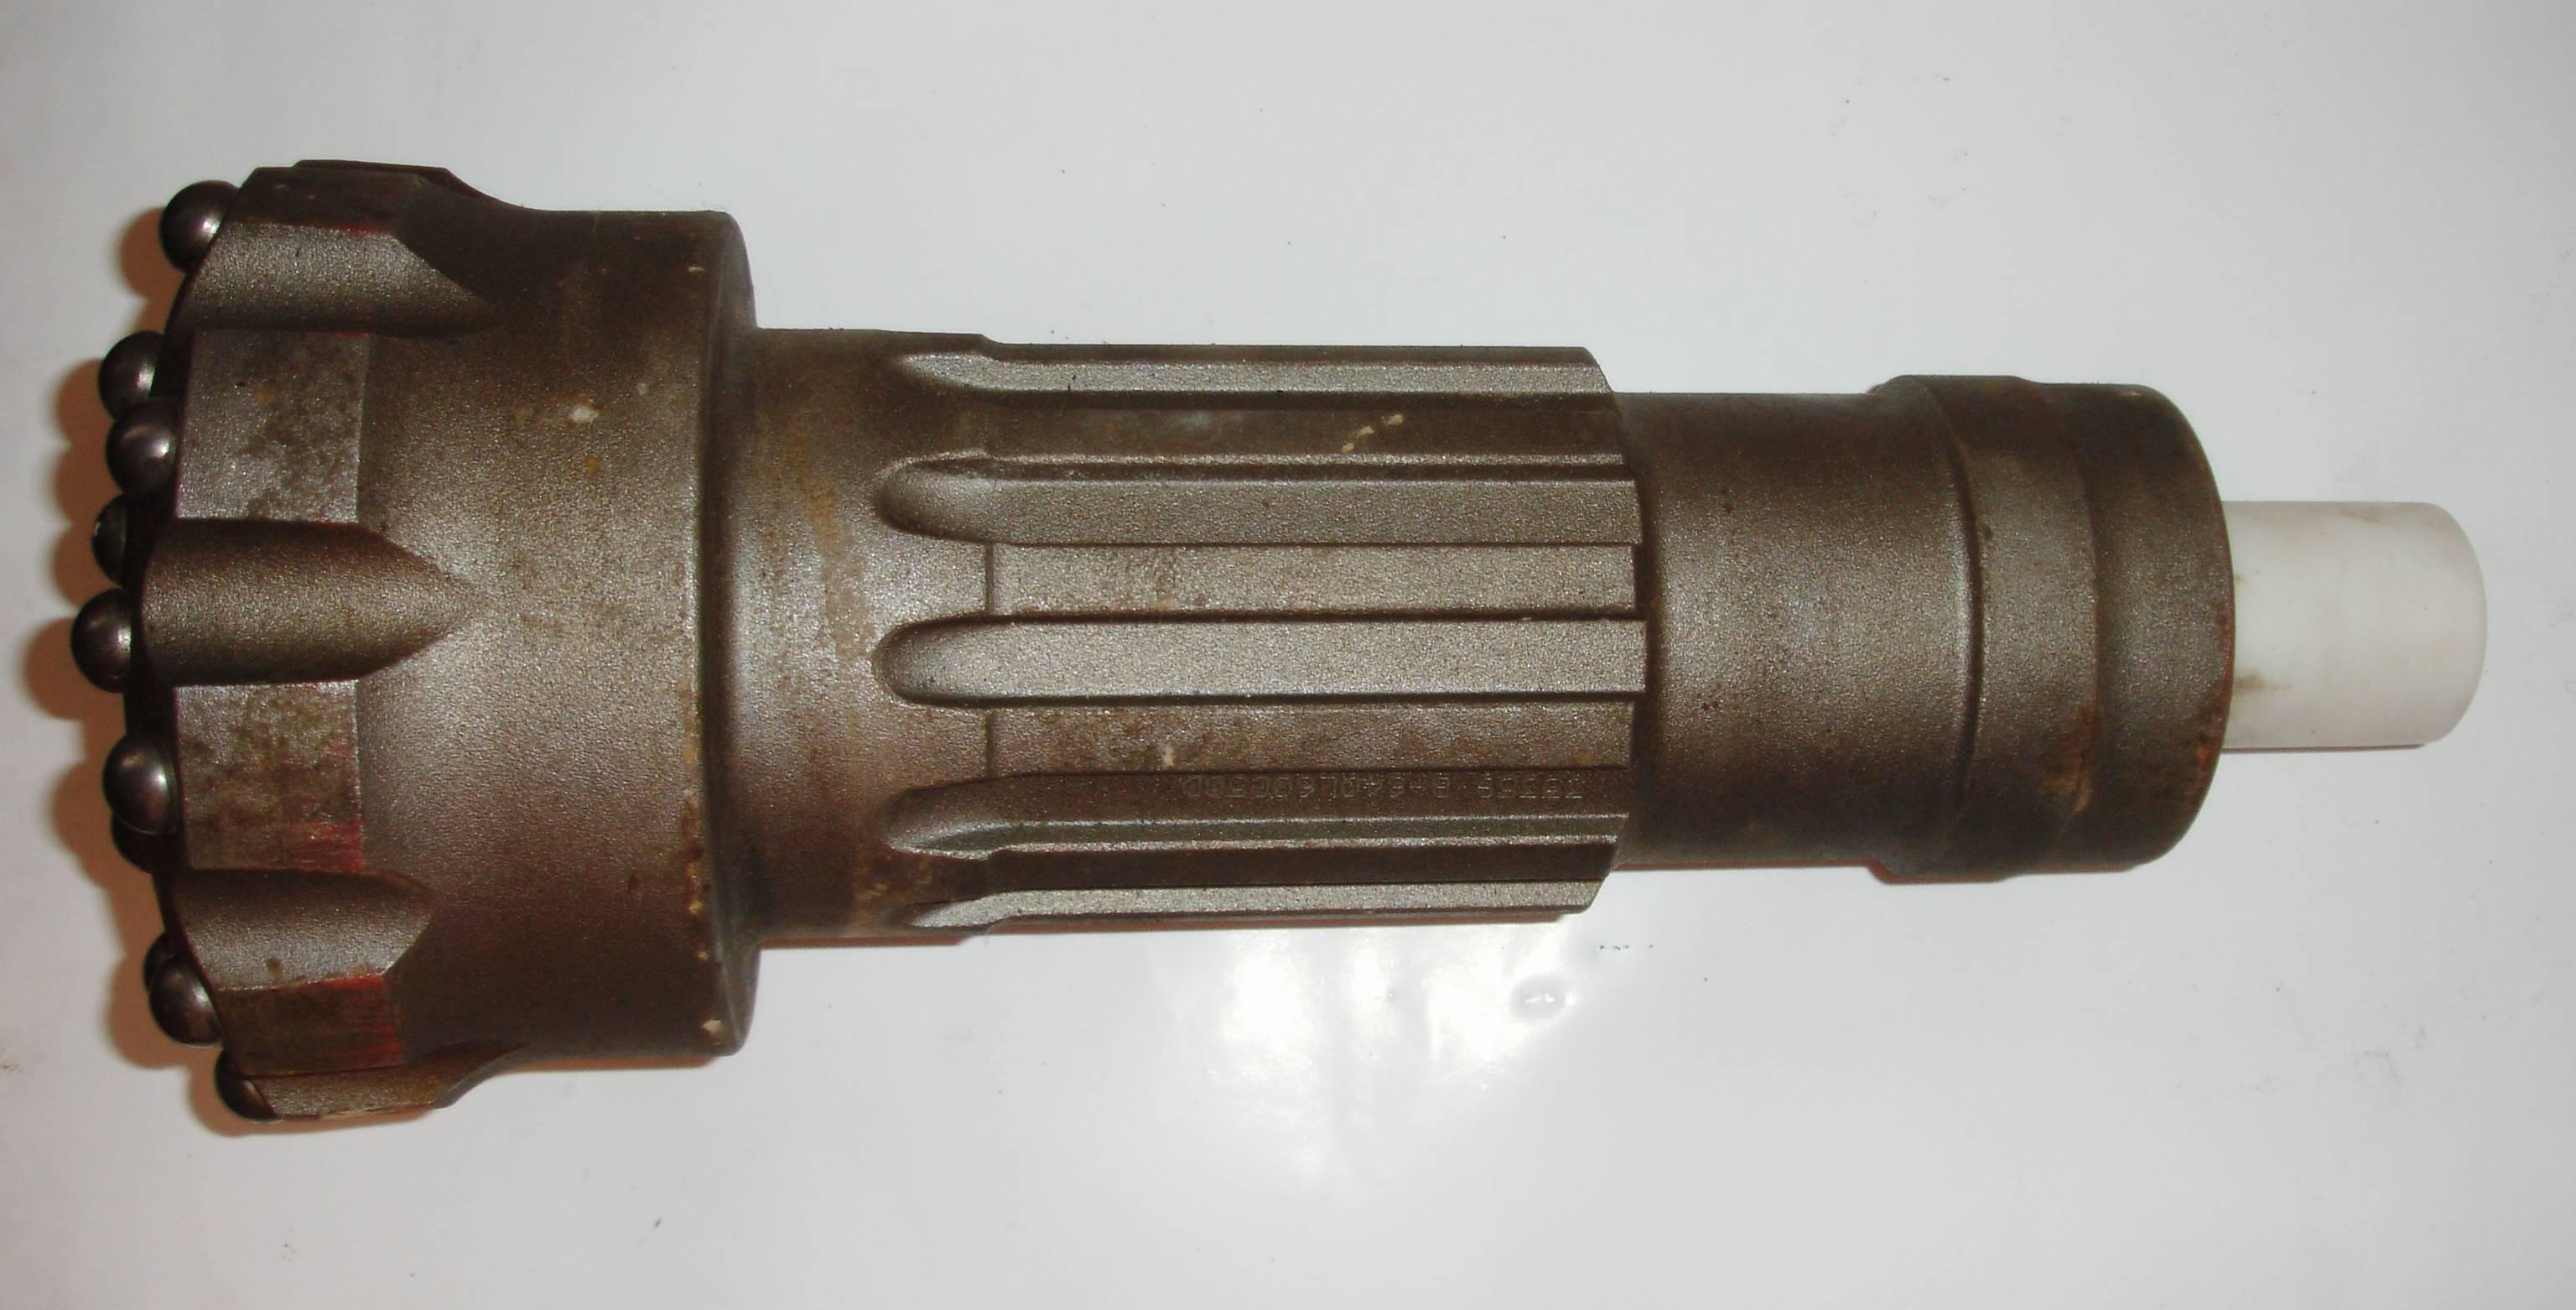 QL 60 fi 165